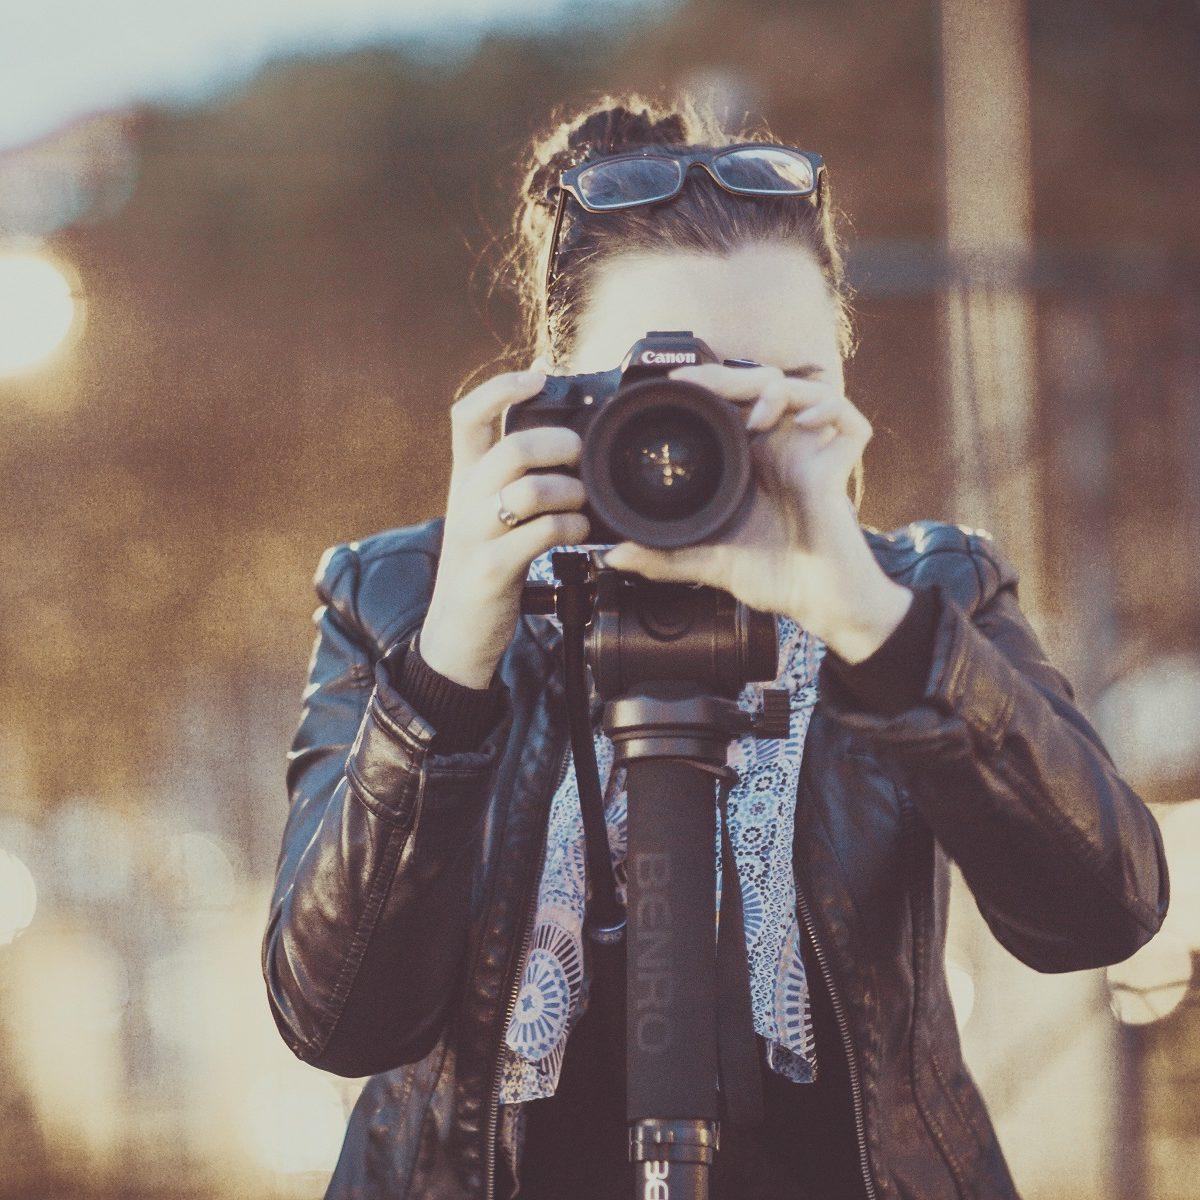 artiste photographe conseillé par un avocat du numérique